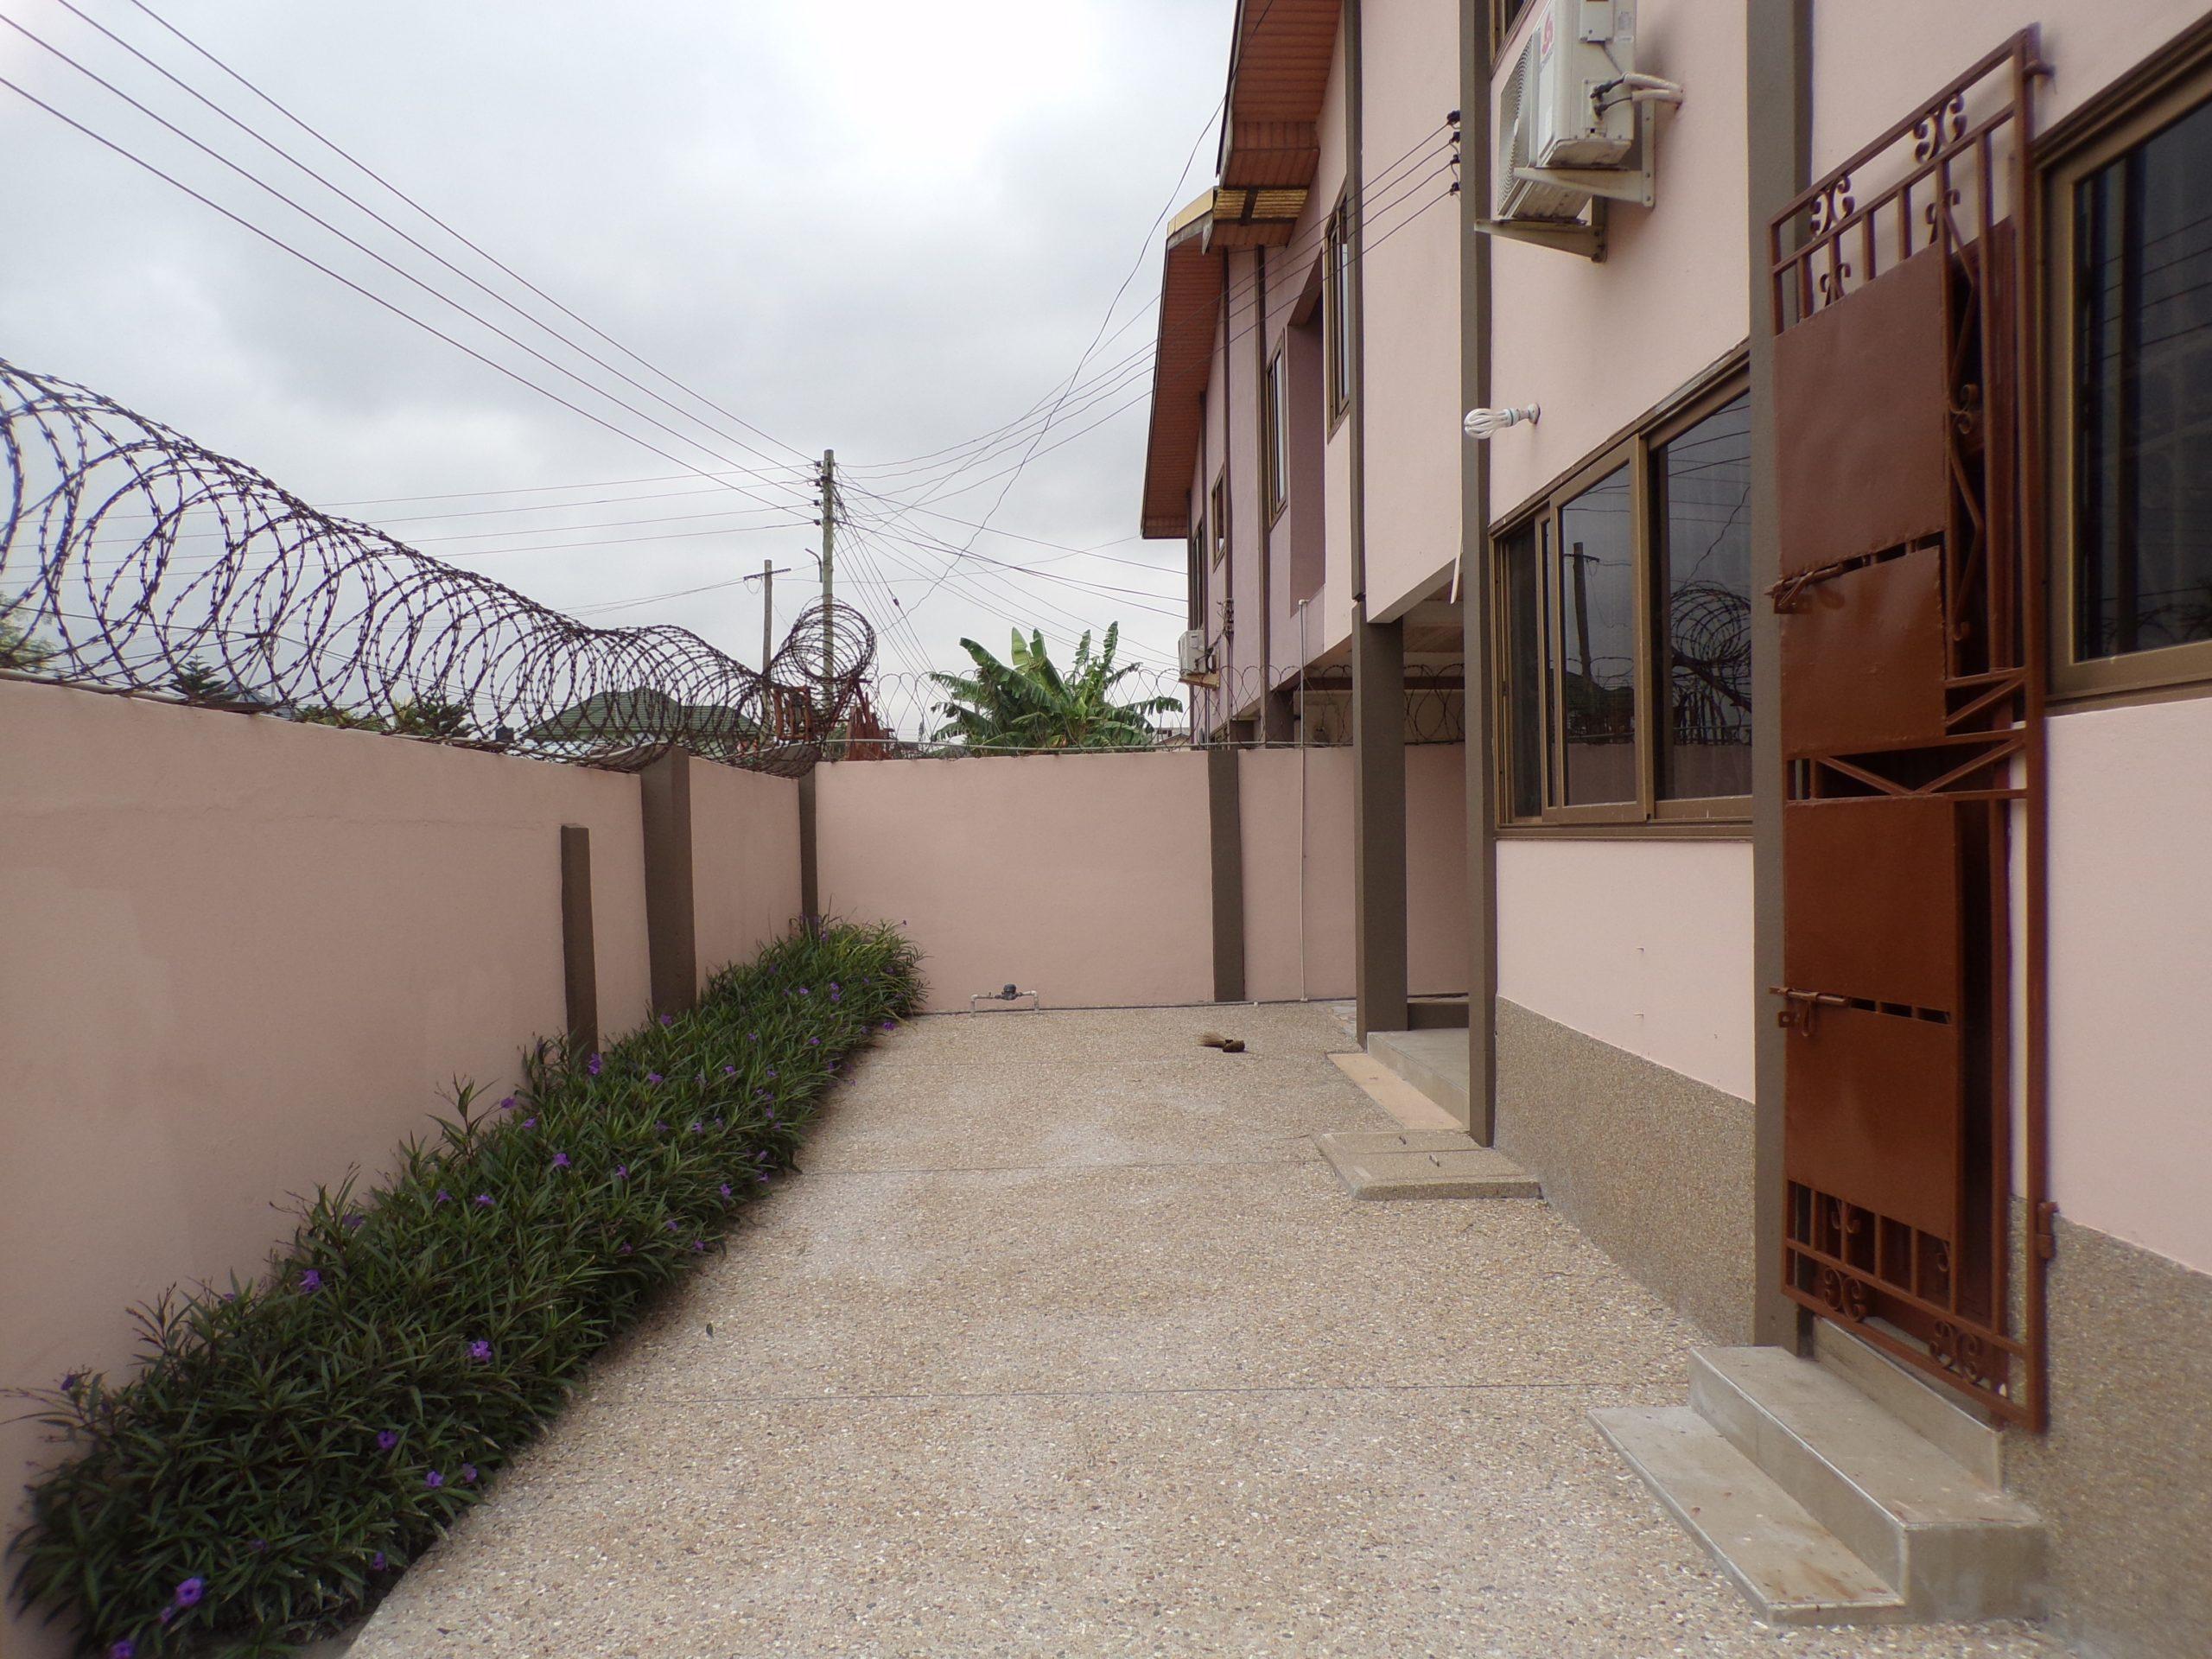 3 bedroom Apartment for Rent at Adjiringanor